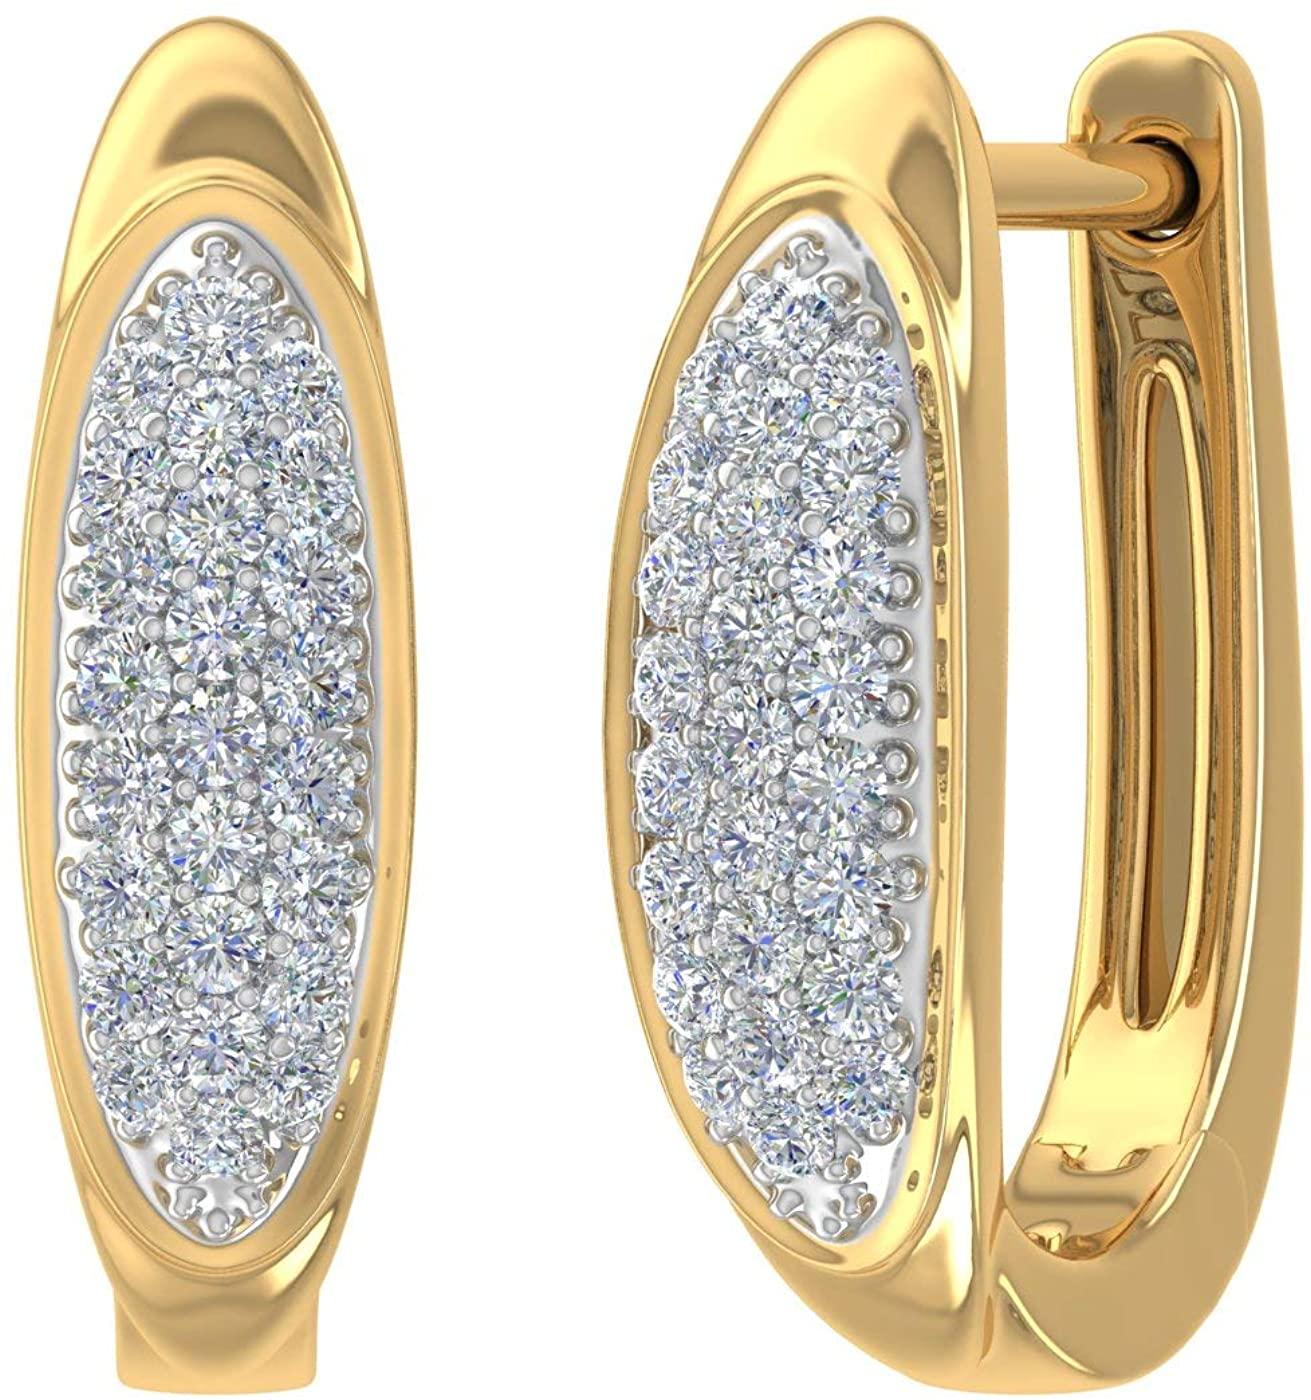 14K Gold Round Diamond Ladies Huggies Hoop Earrings (1/5 Carat)